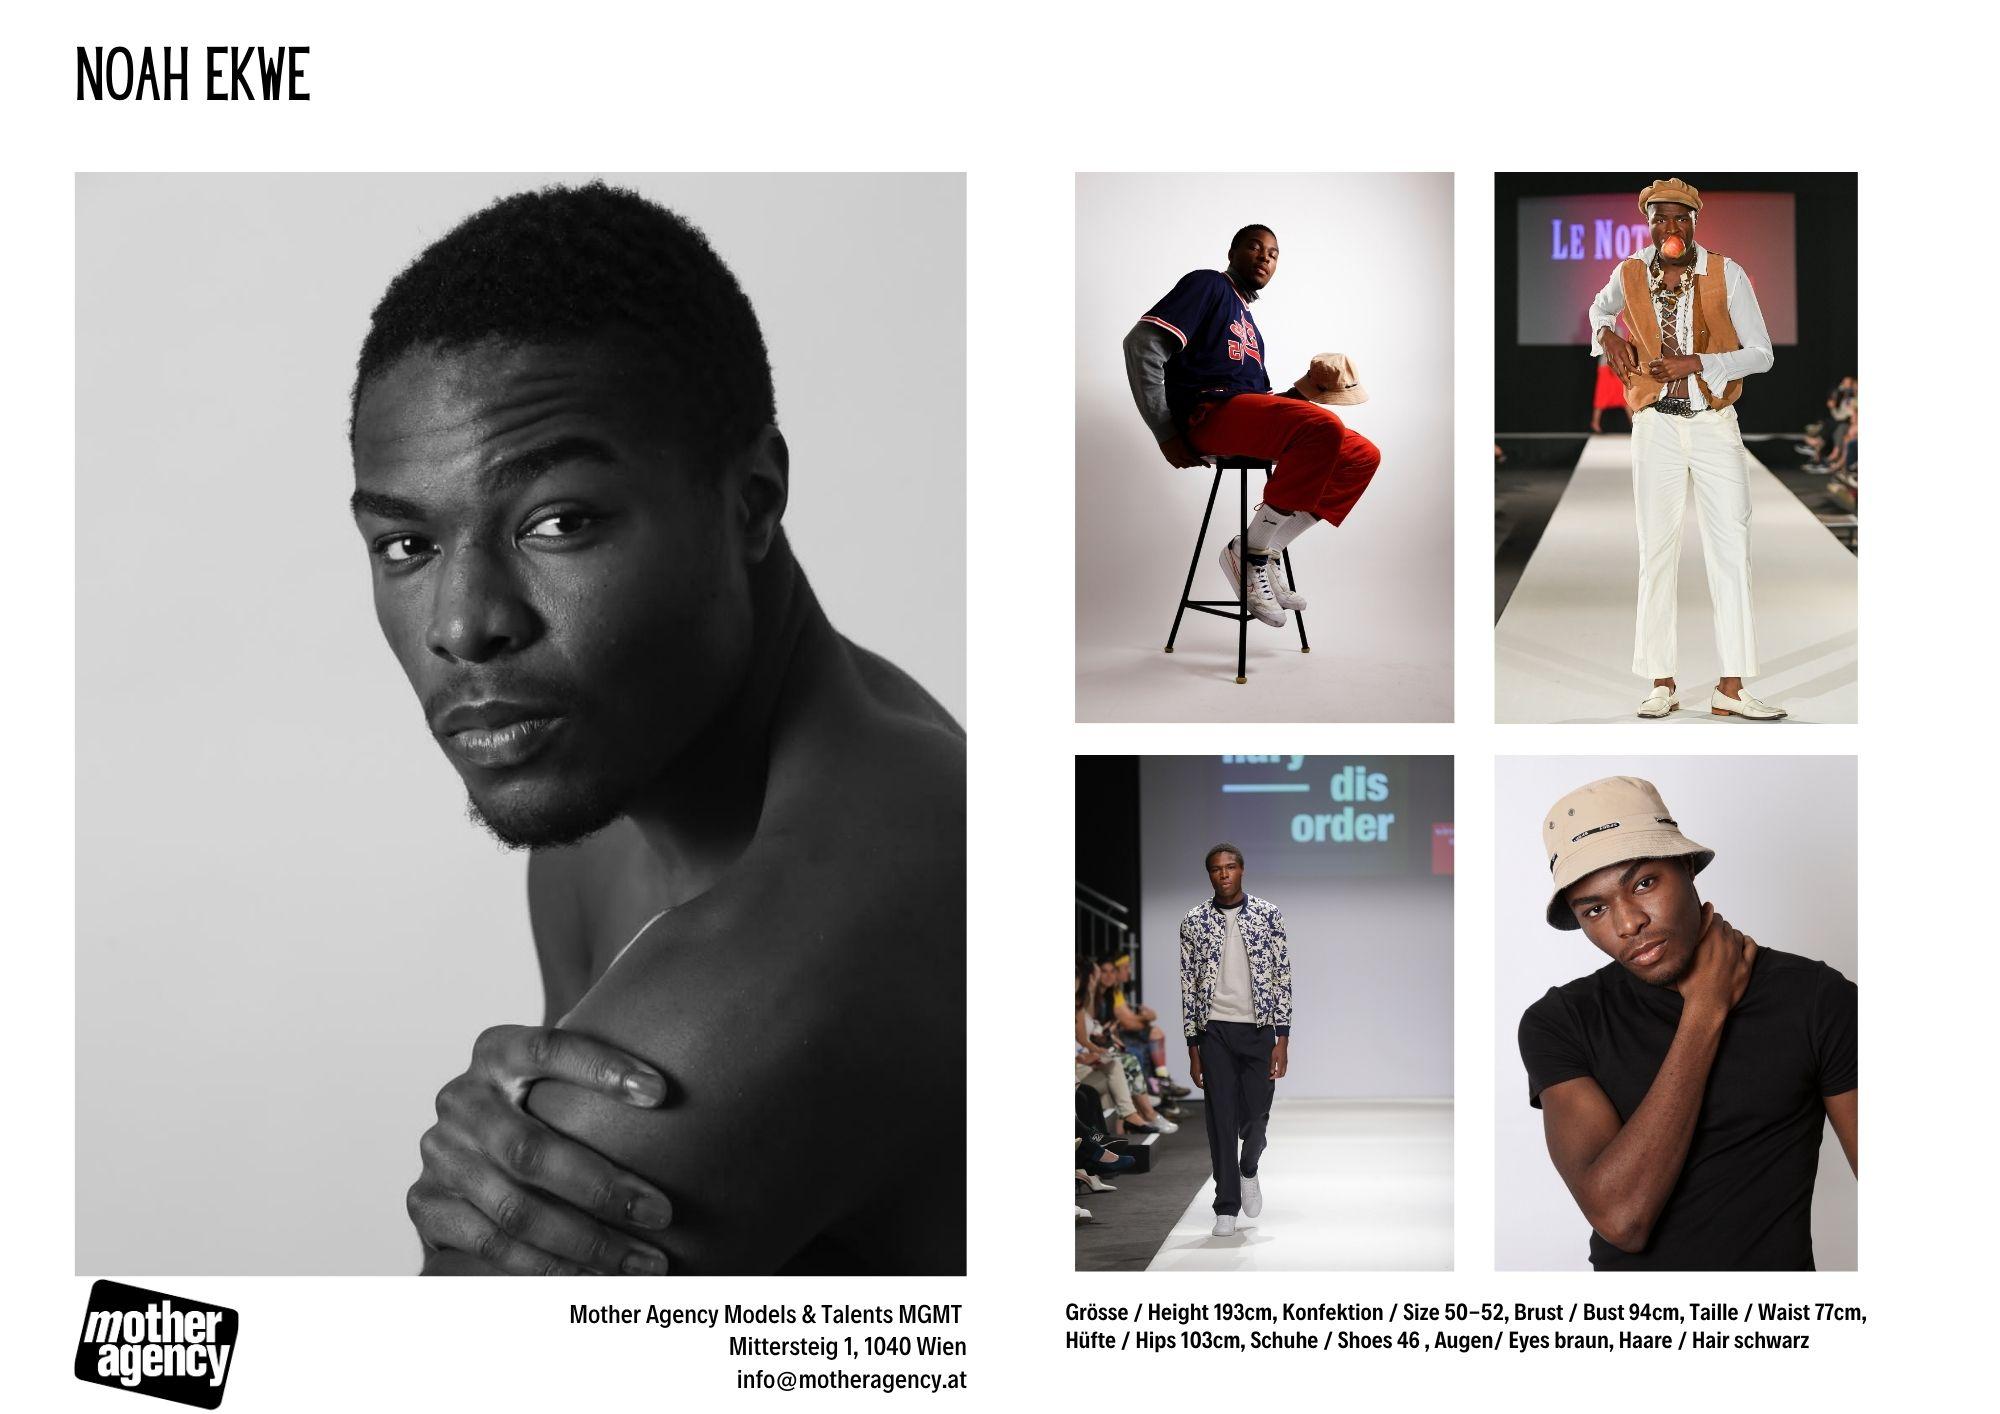 Noah Ekwe / Mother Agency